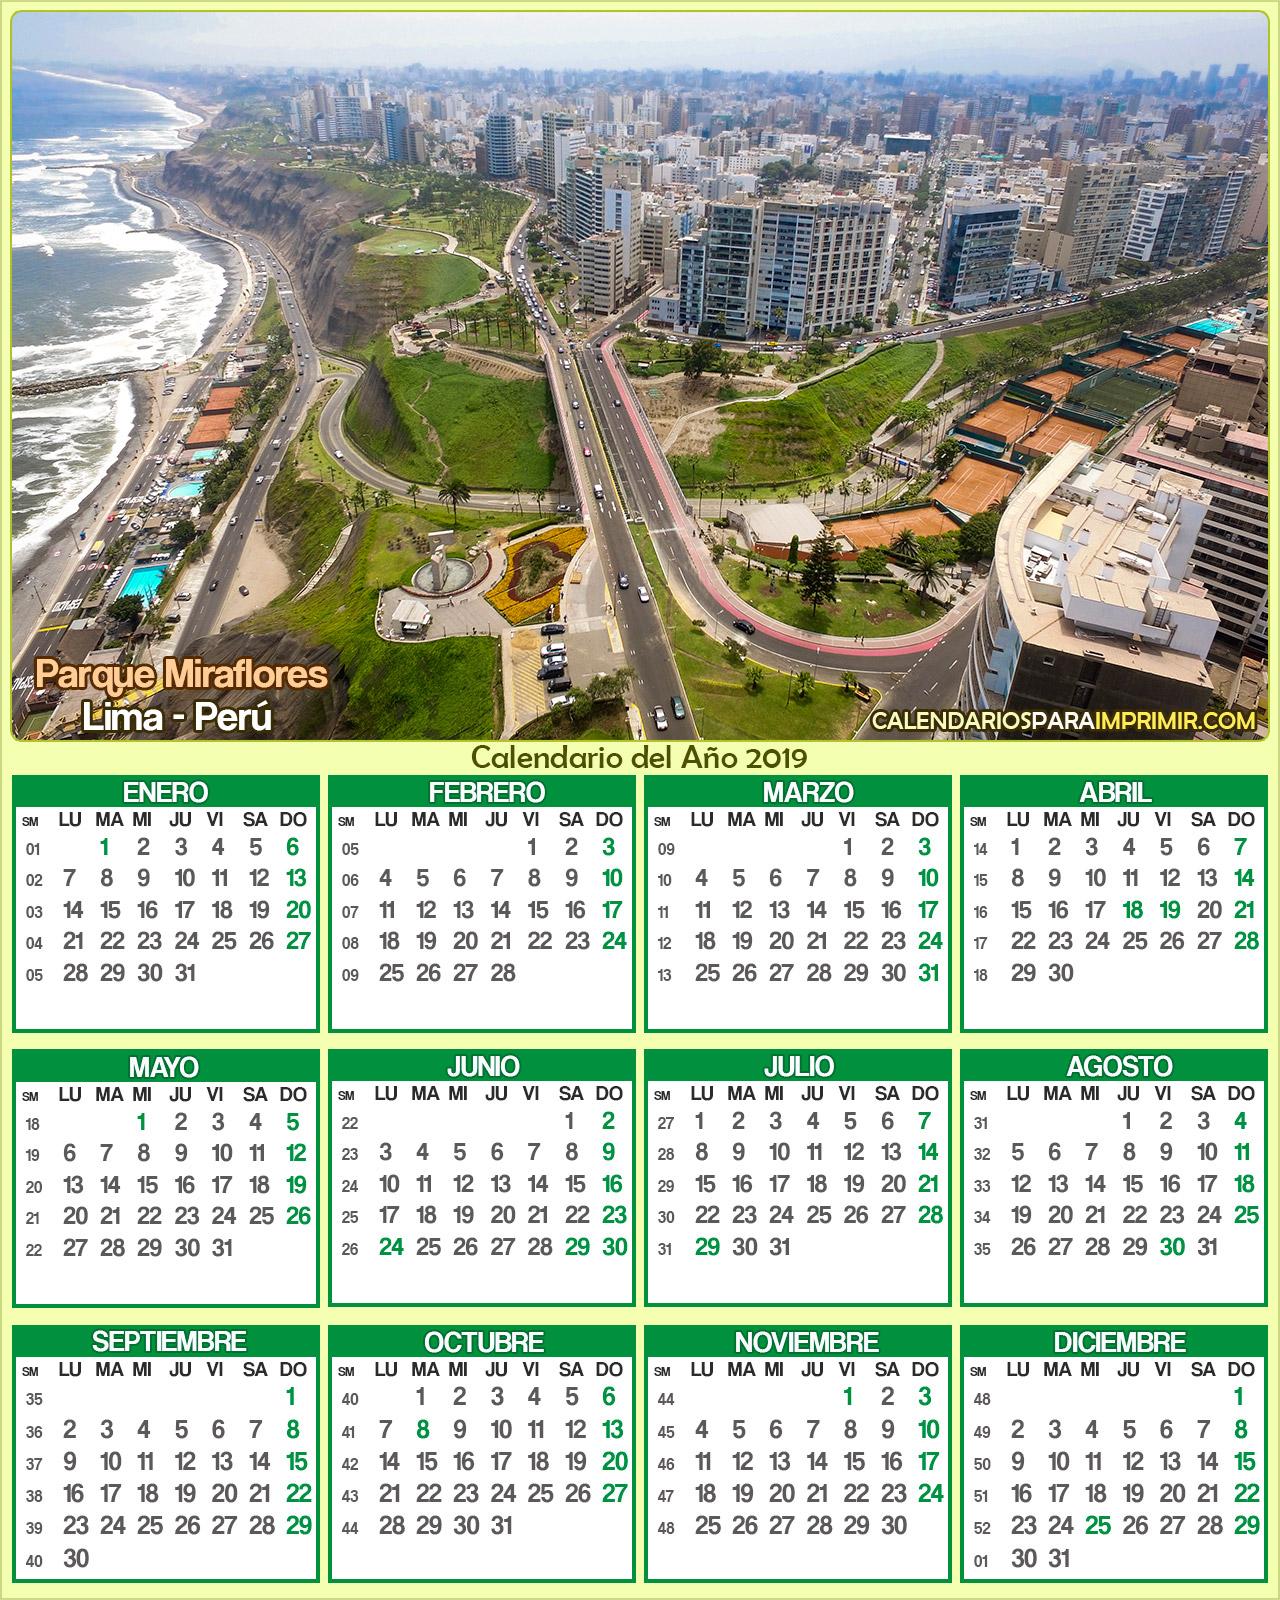 calendario peru 2019 lima